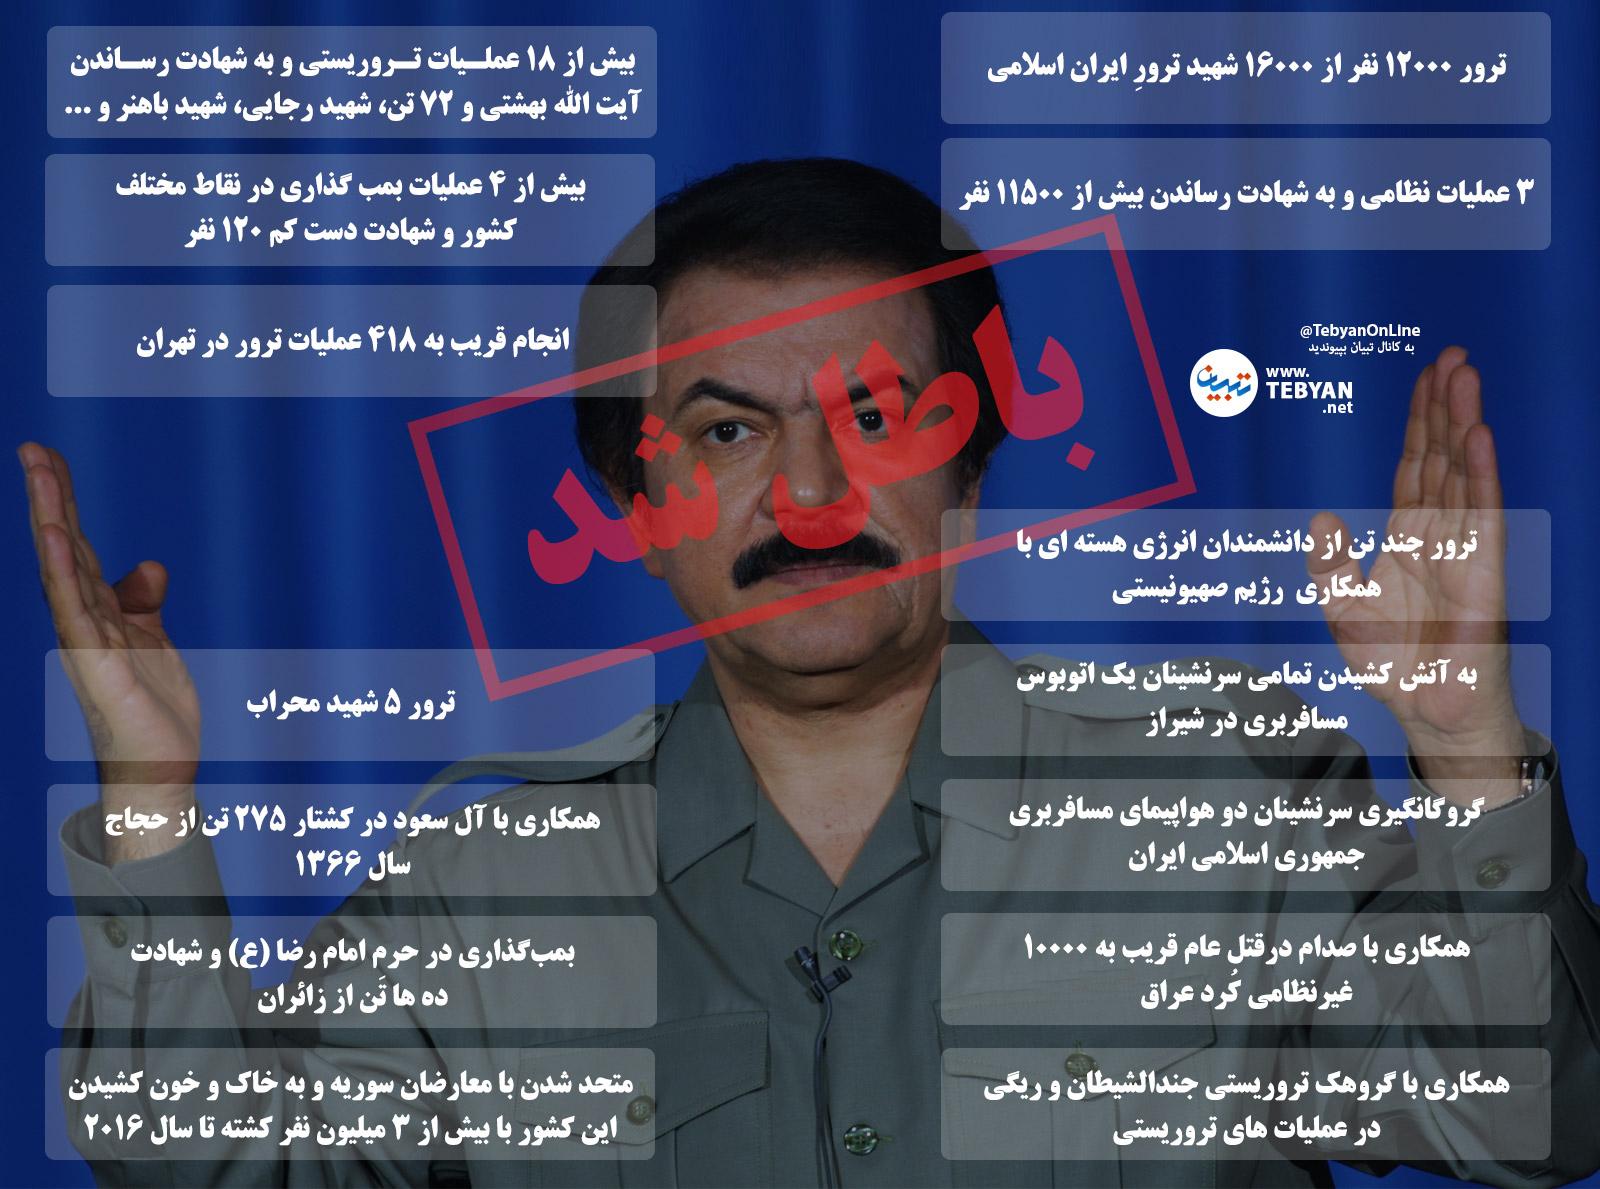 داعشیهای دهه ۶۰؛ مجری تفکر نخ نمای غرب در ایران /مستقیم به سوی جهنم +اینفوگرافیک